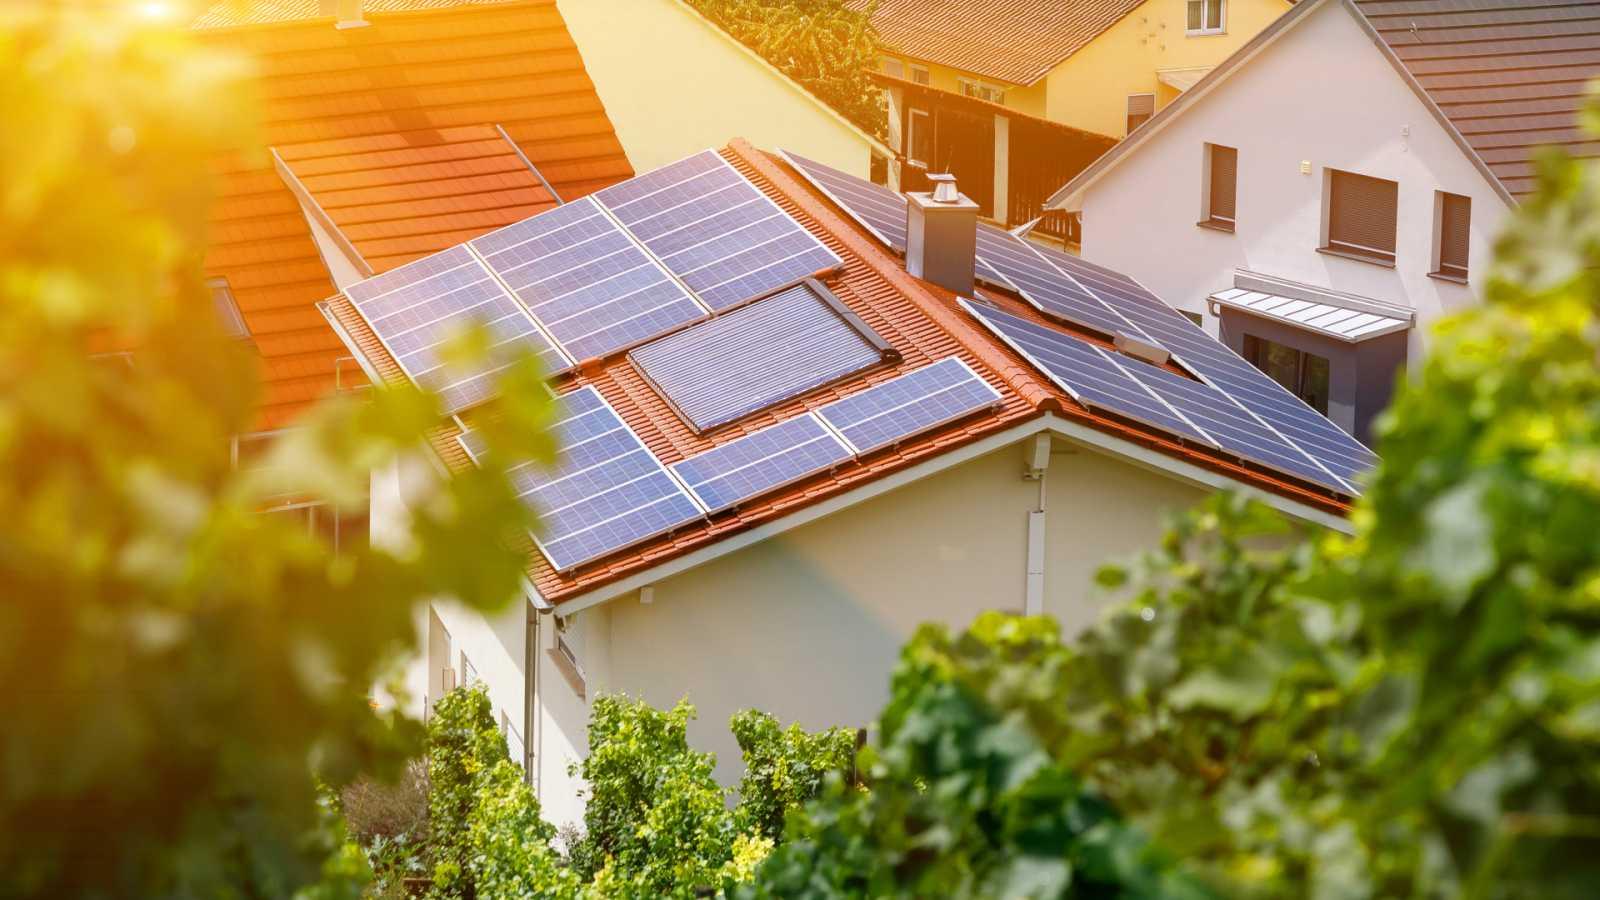 5.0 - La energía de tu casa puede venir del sol - 01/09/20 - Escuchar ahora